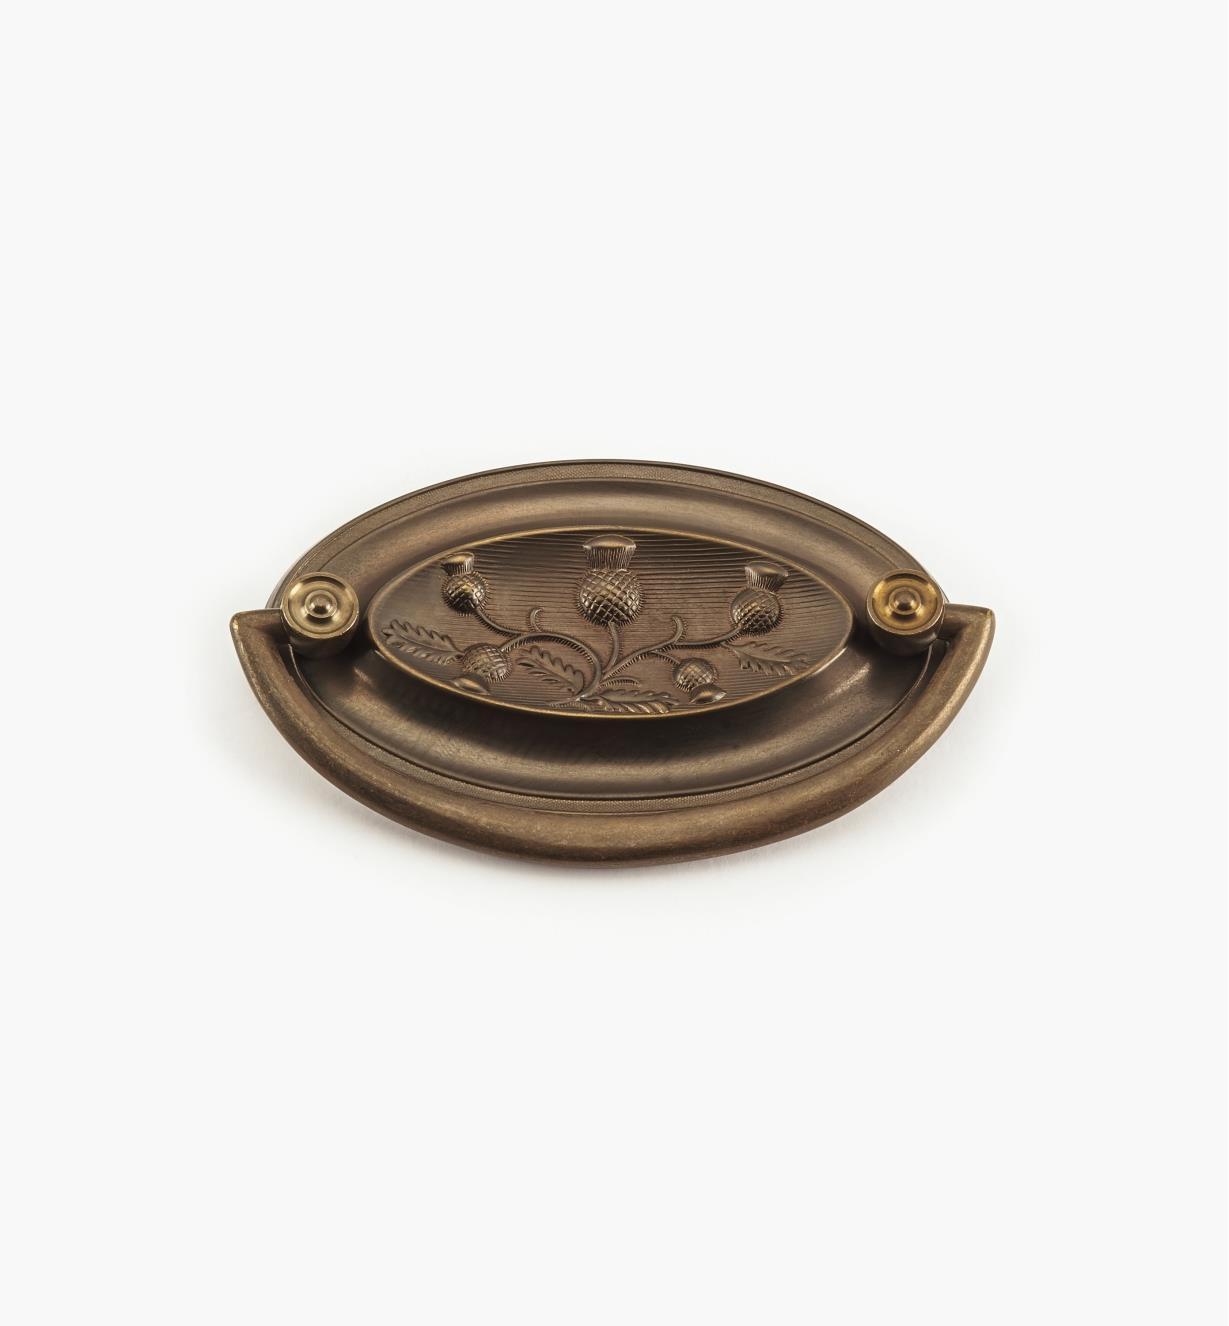 00A2512 - Poignée tombante sur platine Horton à motif champêtre de 35/16pox 21/16po (23/4po), chardon